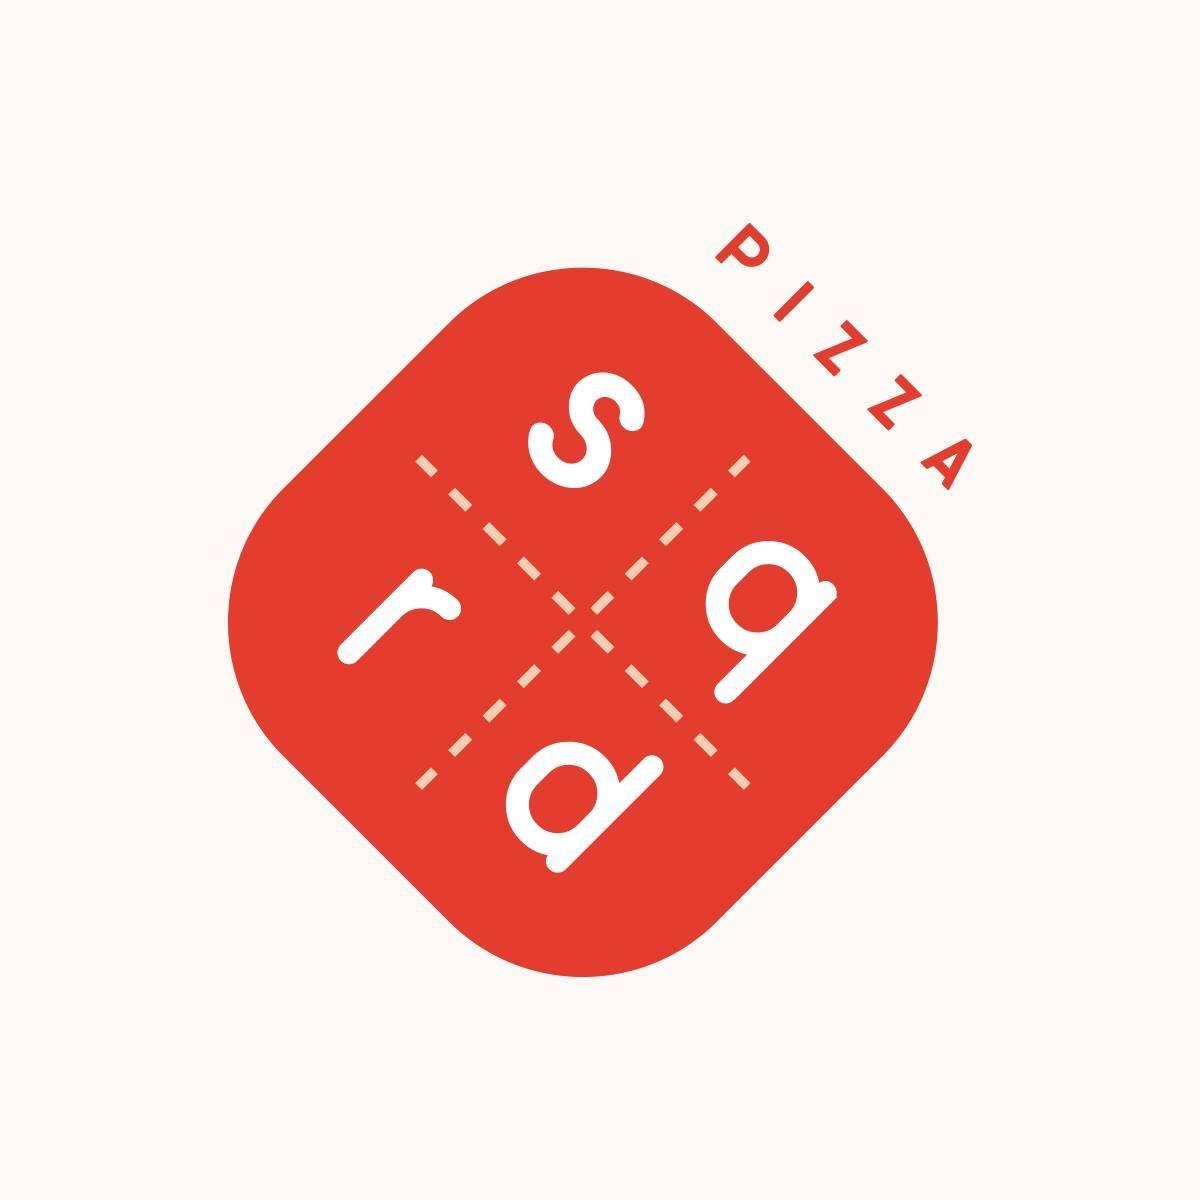 SQRD Pizza